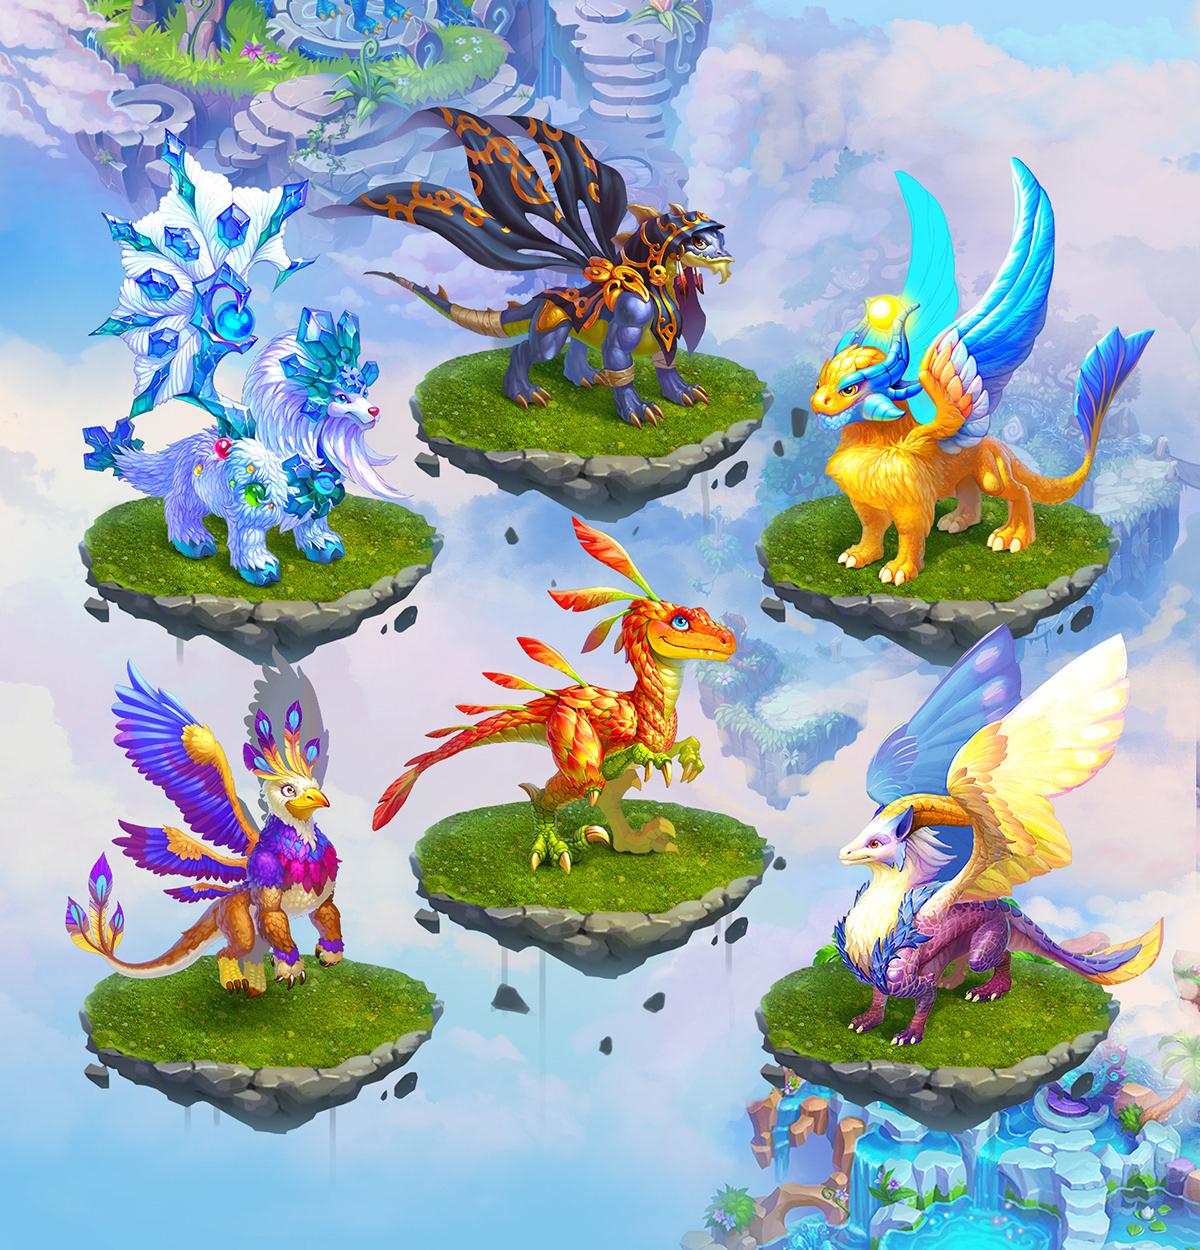 картинки всех драконов из земли драконов